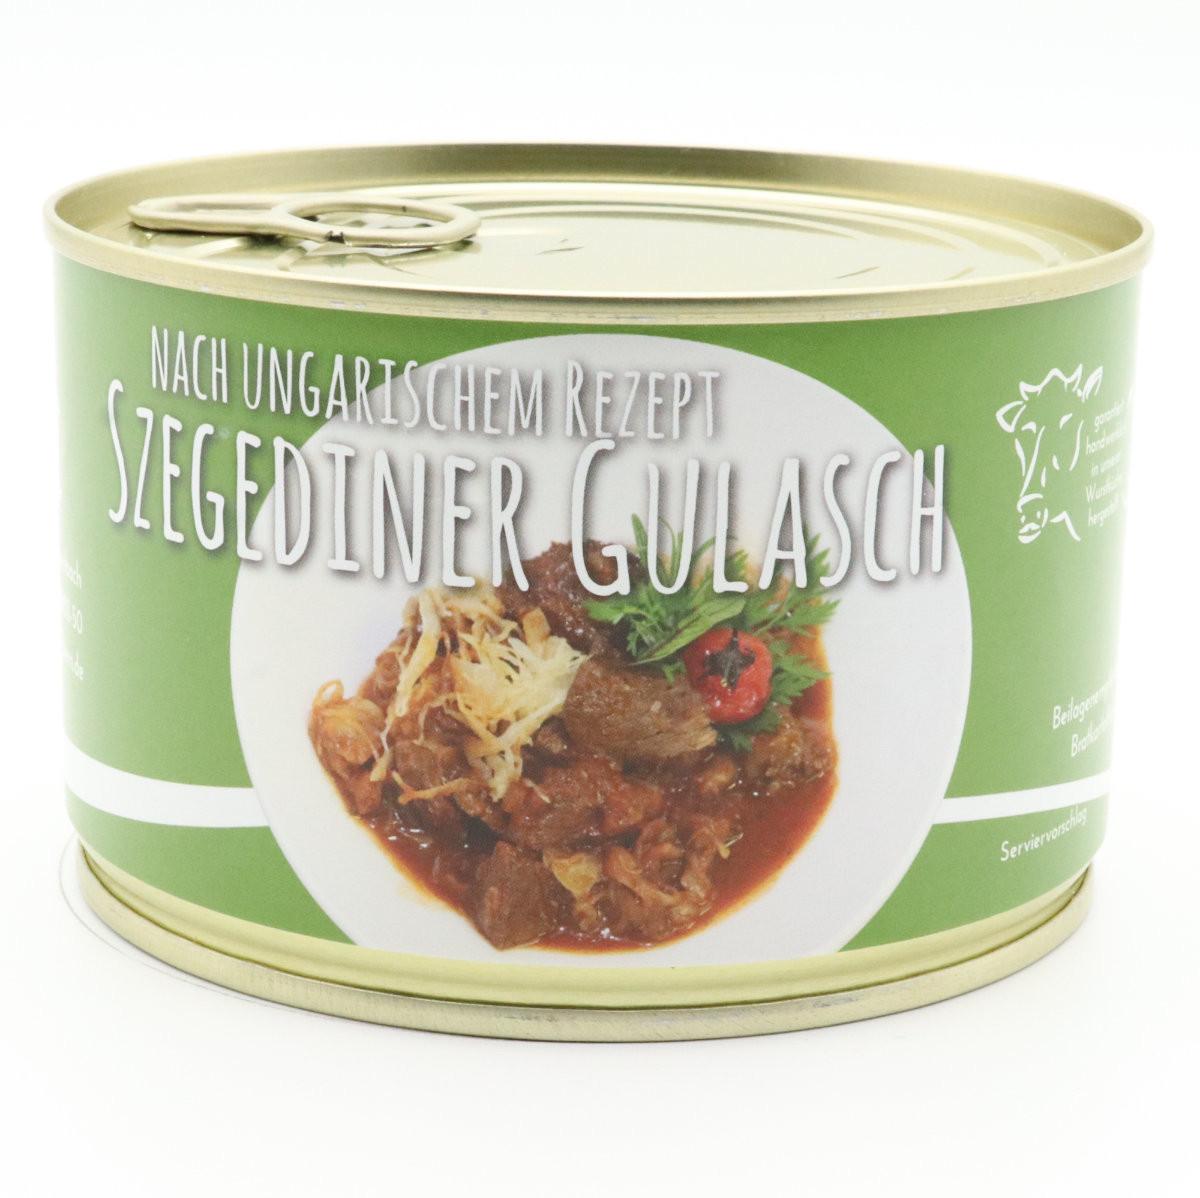 Szegediner Gulasch mit Sauerkraut in deftiger Soße 400g